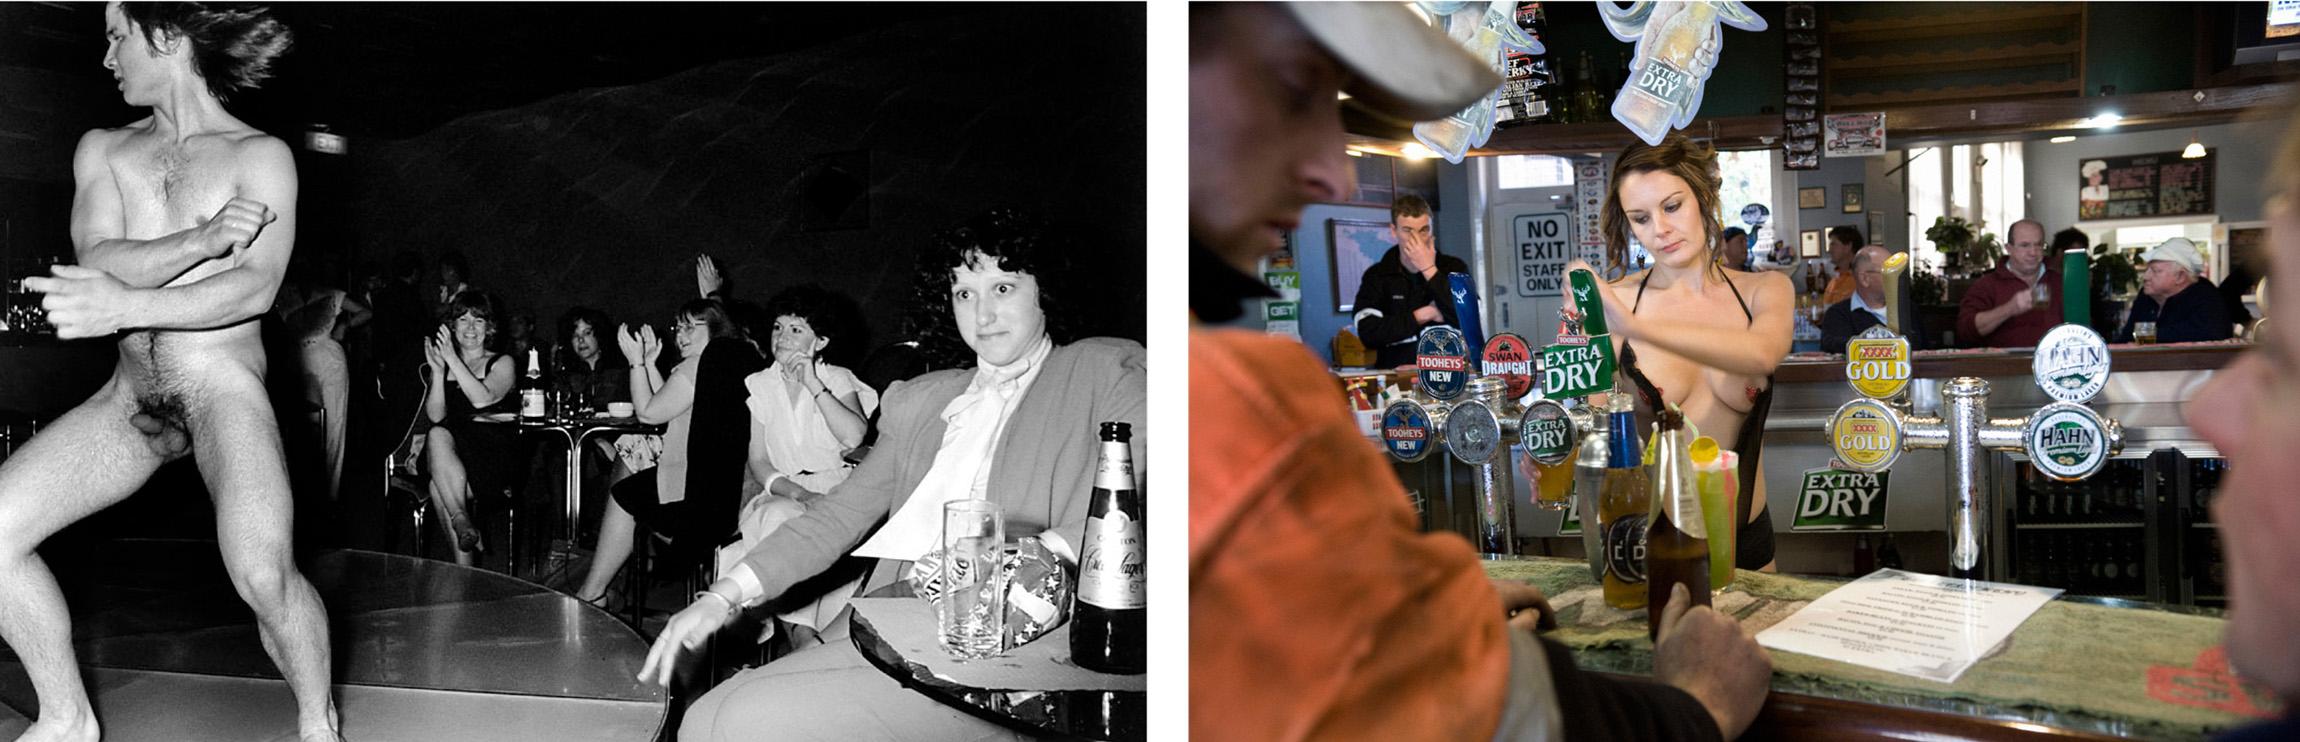 iris, irismagazine, iris magazine, Stephen Dupont, Rennie Ellis, Australian Photography